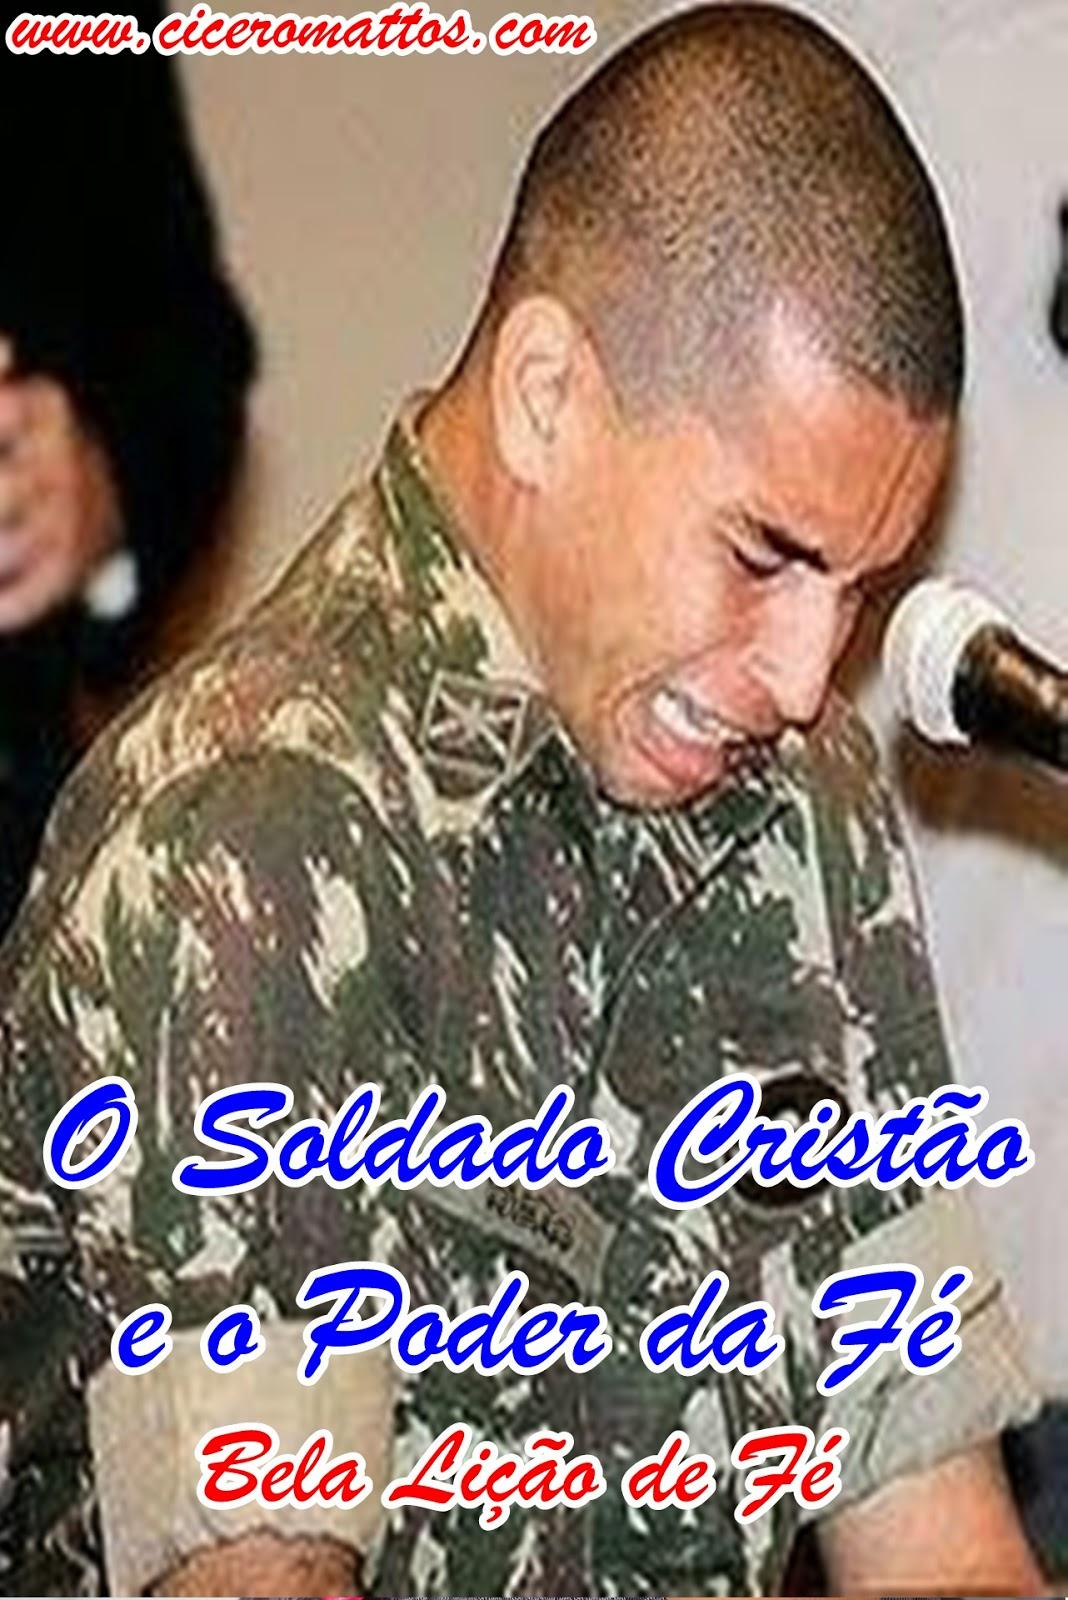 O Soldado Cristão e o Poder da Fé (Bela Lição de Fé) Exército Brasileiro